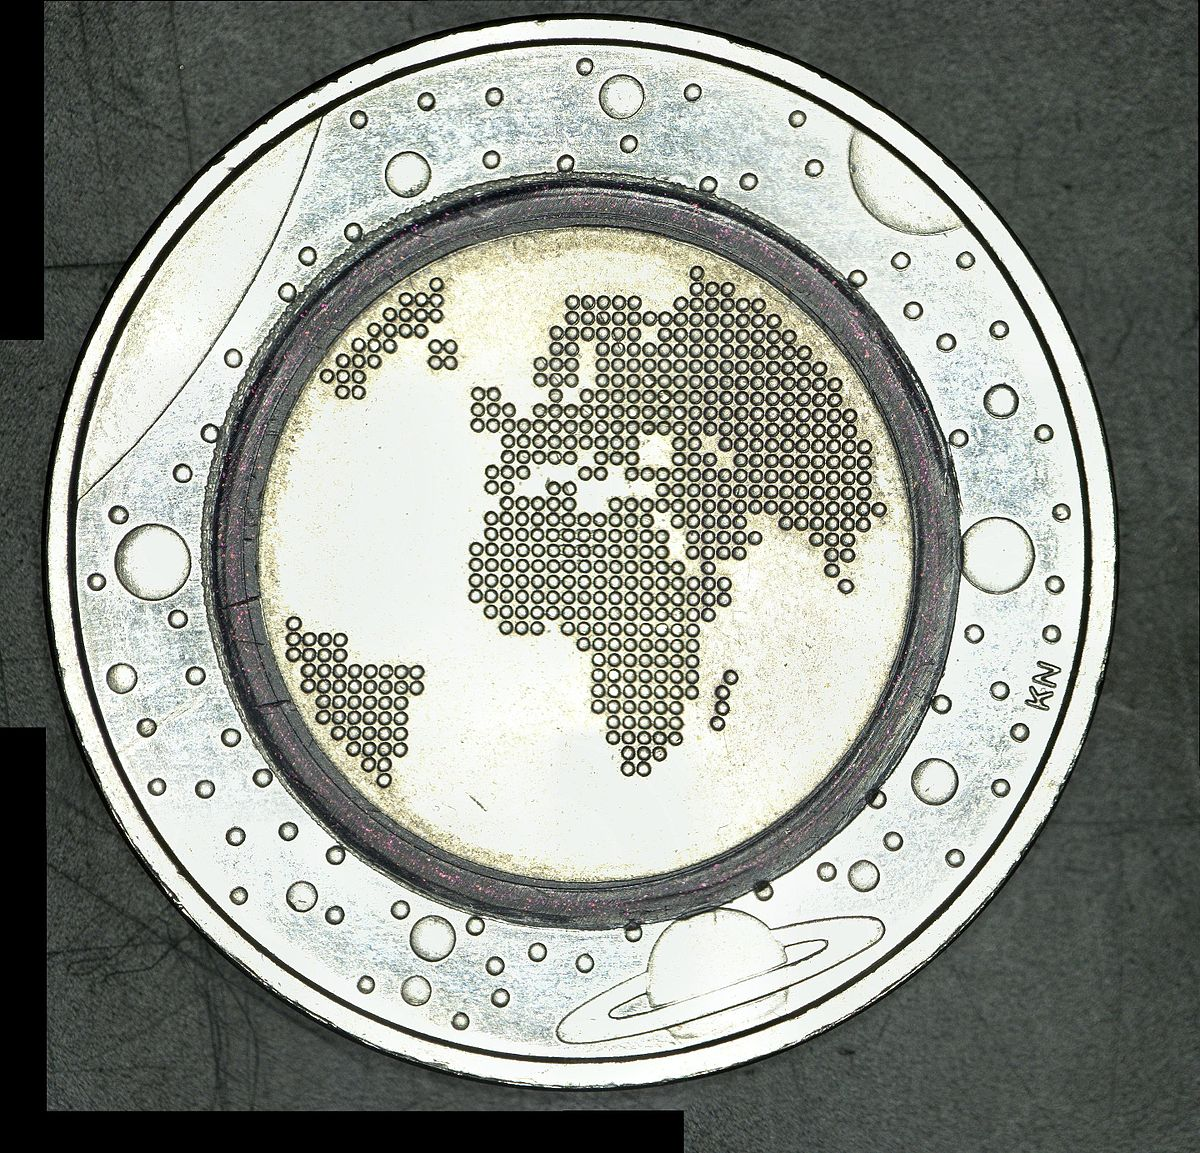 Planet Erde Münze Wikipedia